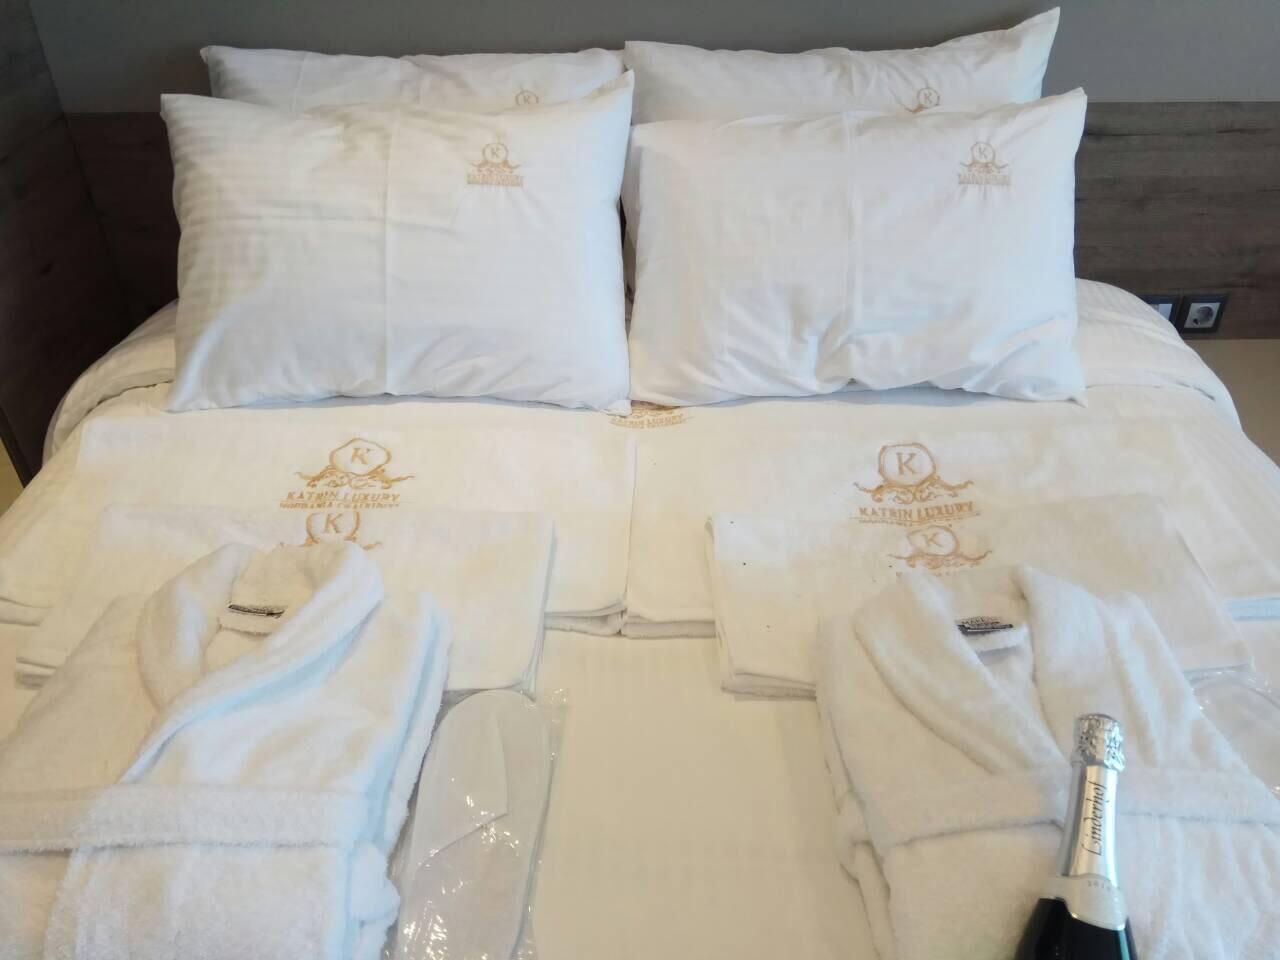 Grcka hoteli letovanje, Halkidiki, Nea Mudania,Katrin Luxury studios,soba izgled